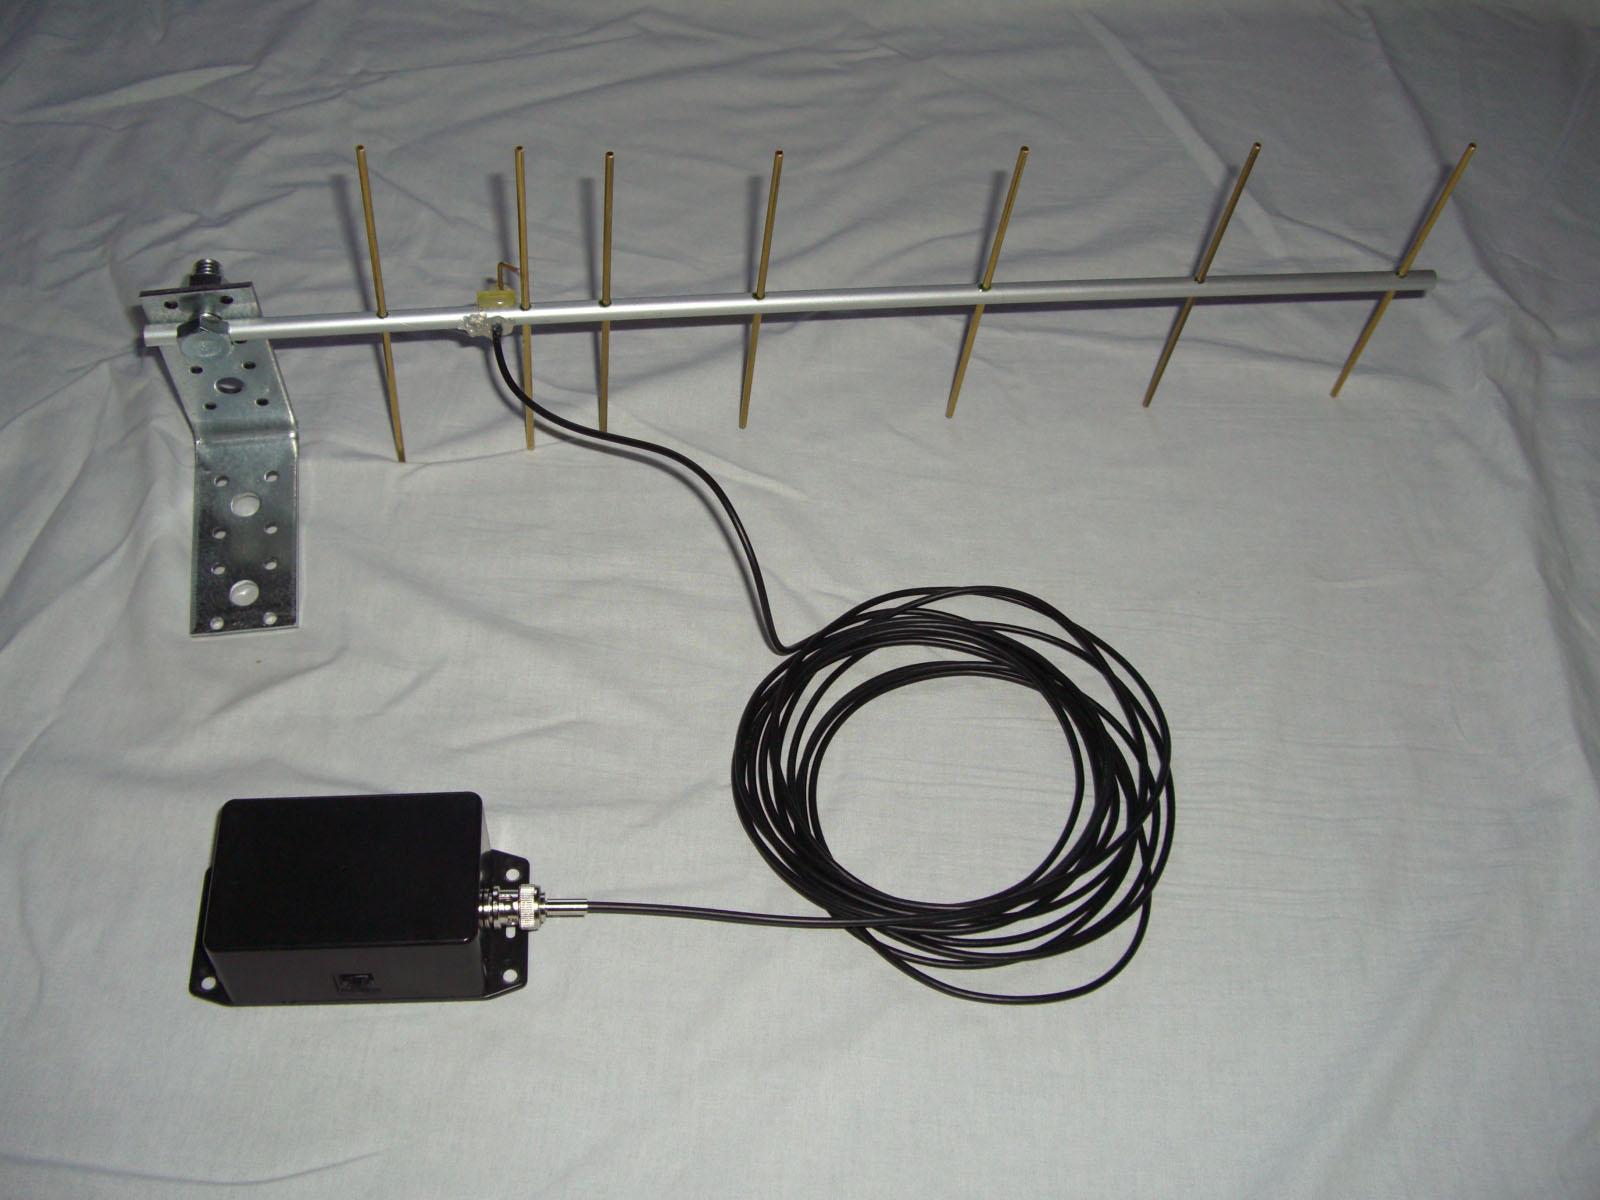 Modifiche per invio dati ogni 8 sec. wireless nelle LaCrosse cablabili-cimg0159.jpg